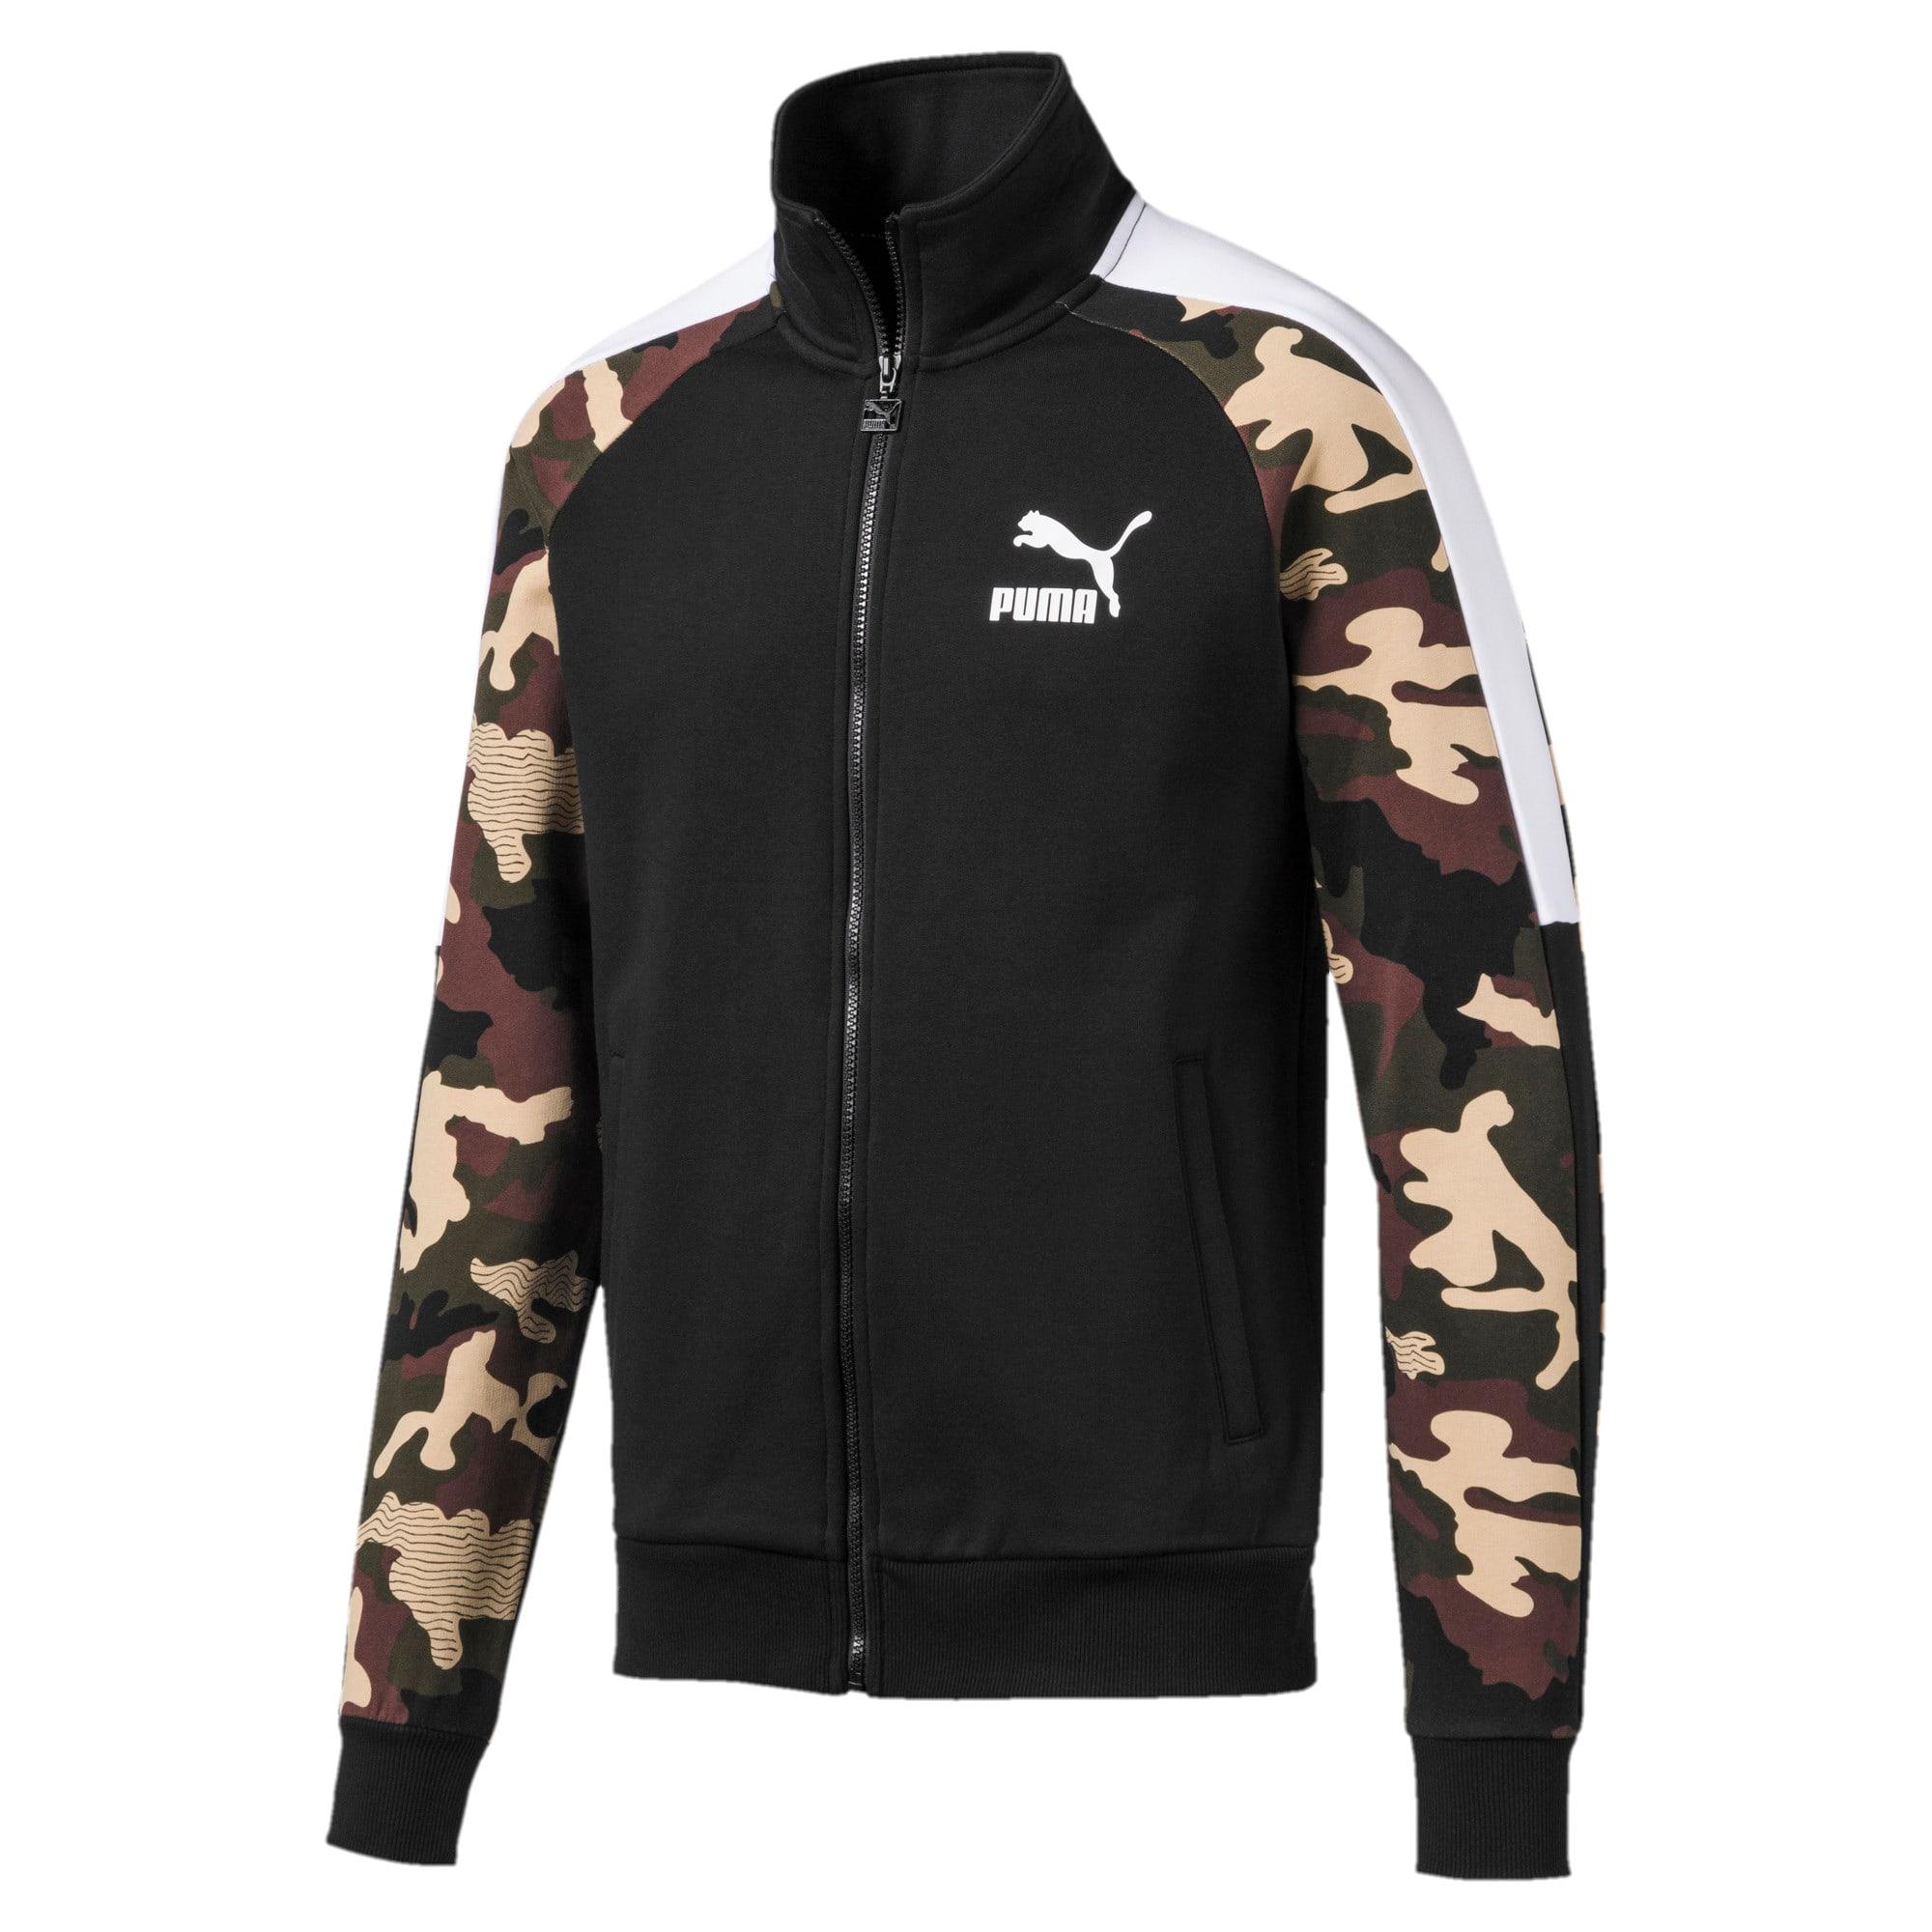 Thumbnail 4 of T7 Men's AOP Track Jacket, Puma Black, medium